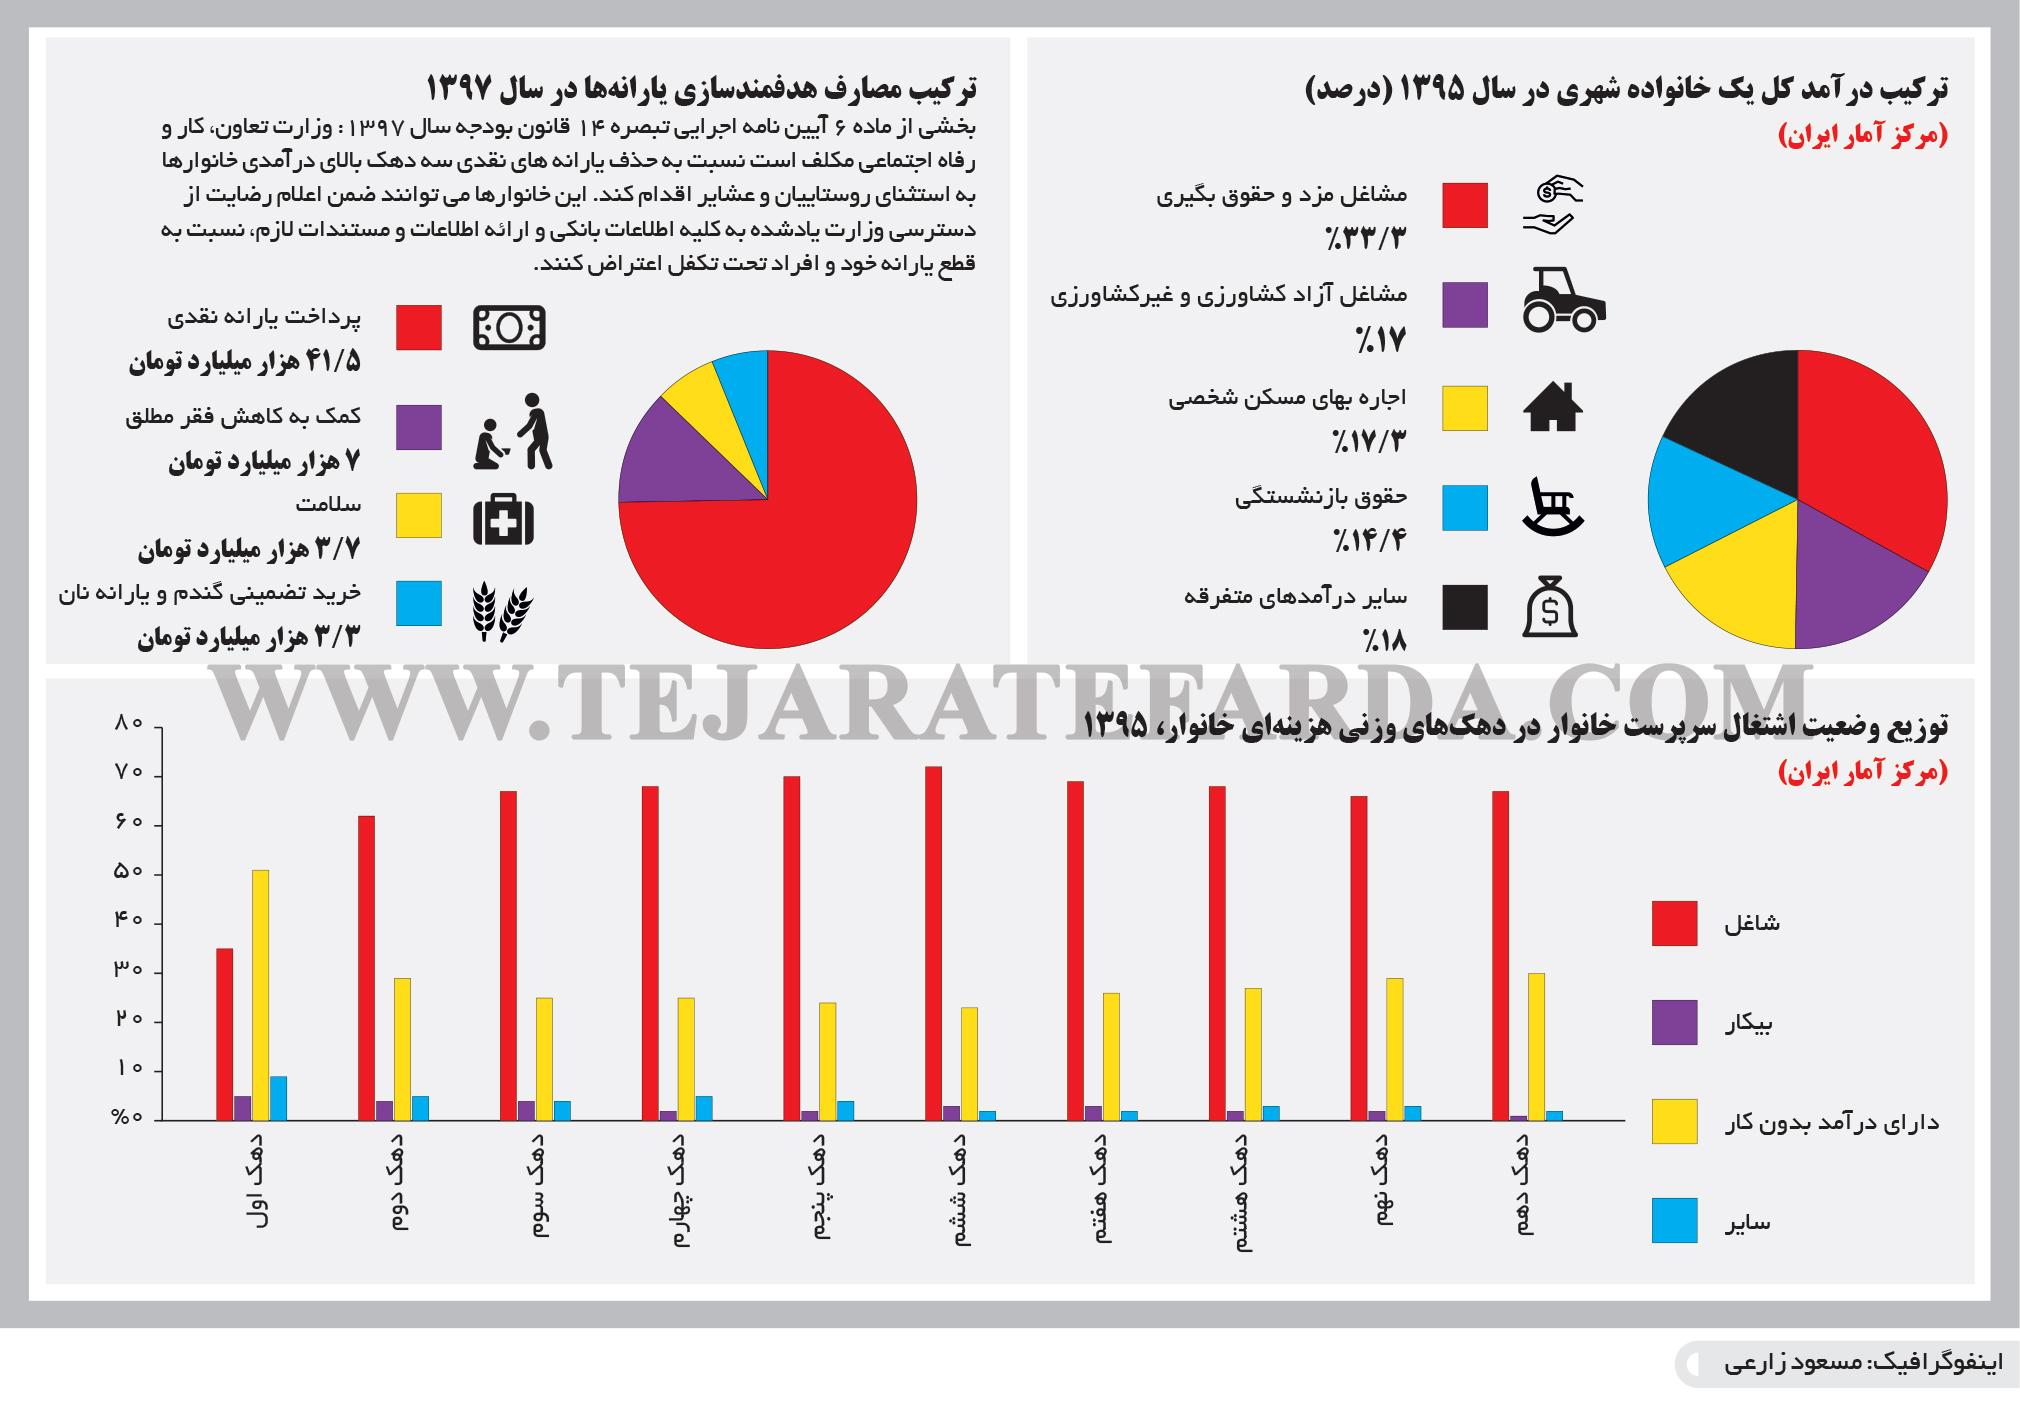 تجارت فردا- اینفوگرافیک- ترکیب درآمد کل یک خانواده شهری در سال 1395 (درصد) (مرکز آمار ایران)